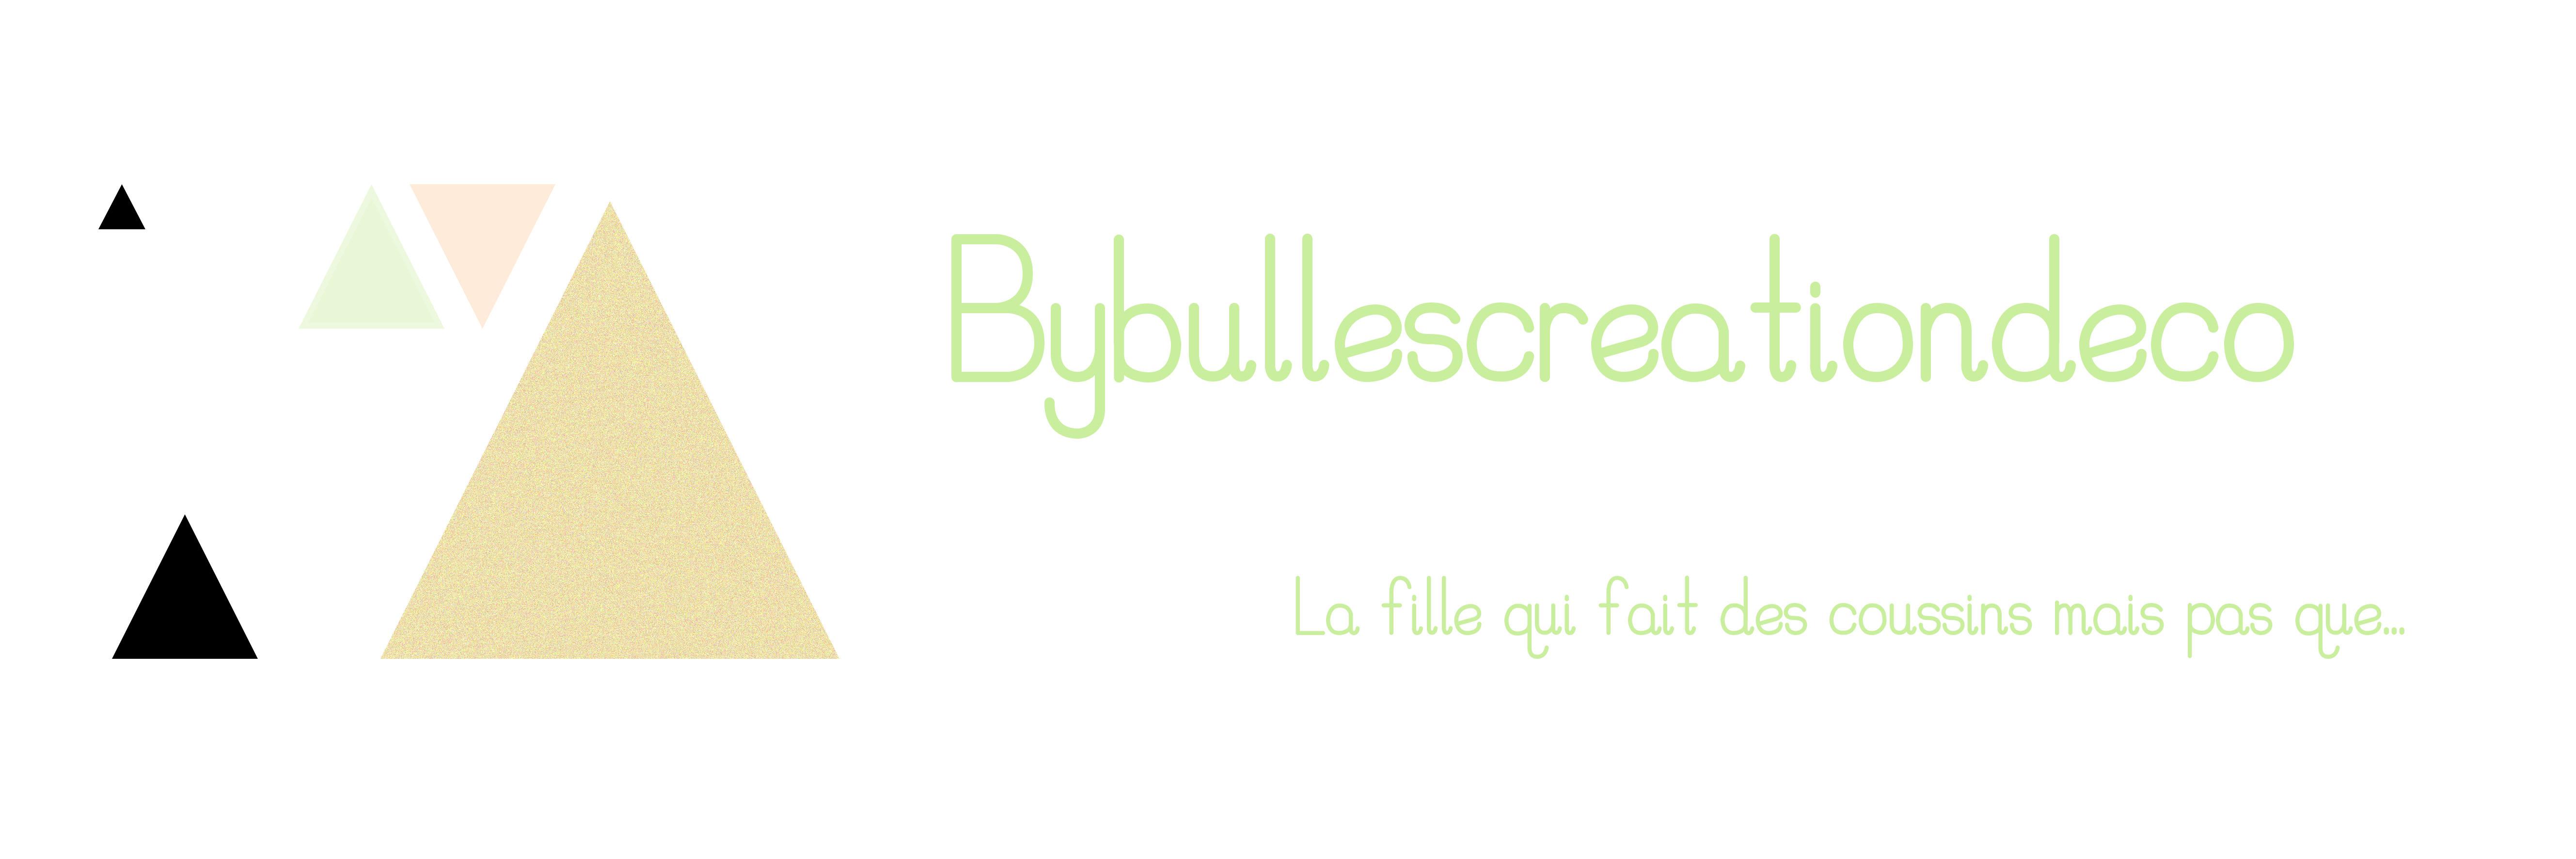 Bannière_bybullesdedeco